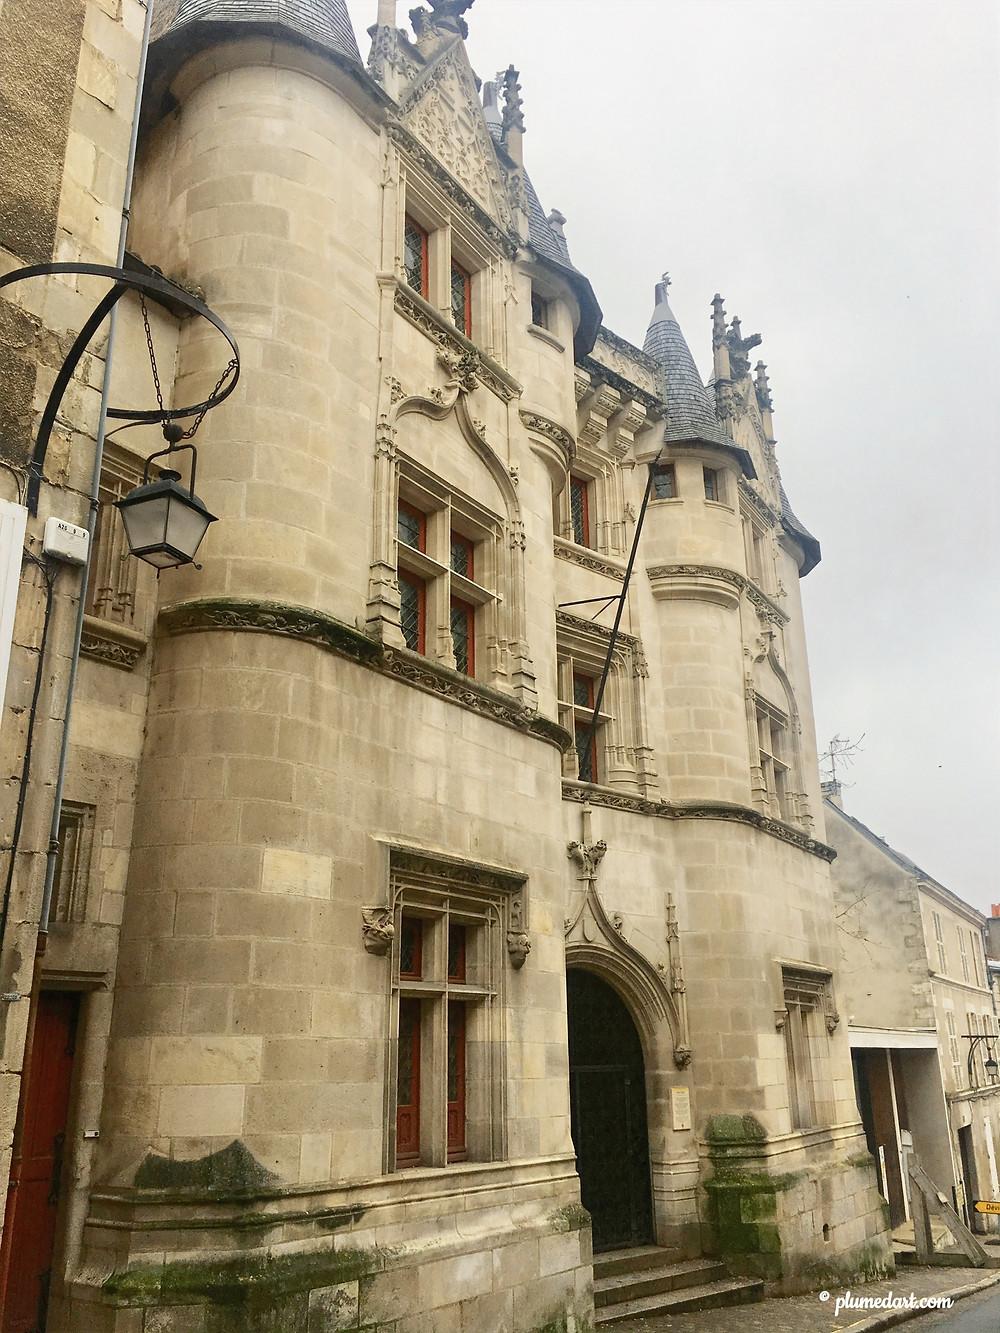 Hôtel Fumé, Poitiers, architecture médiévale, université de Poitiers